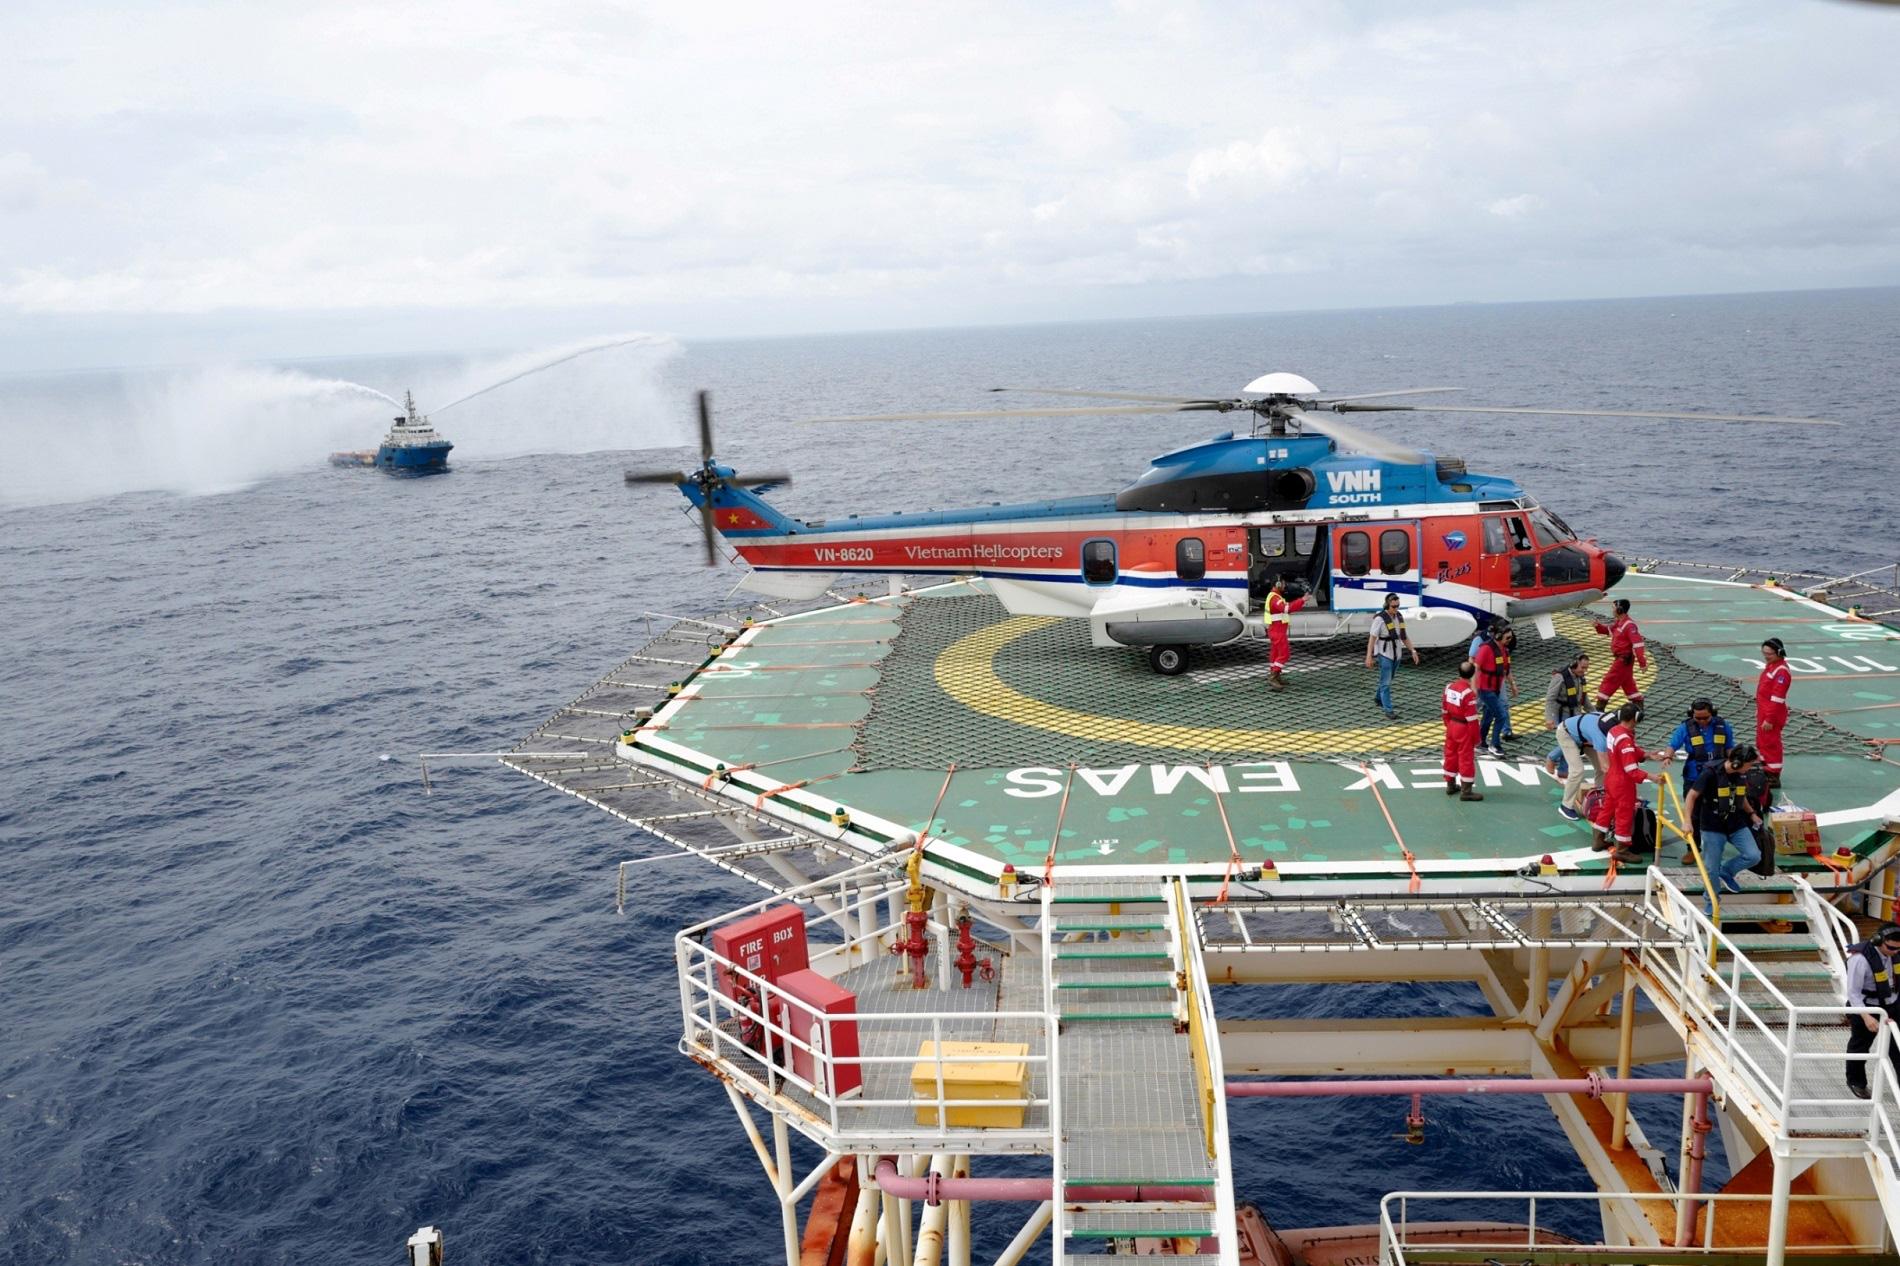 Kỷ niệm 45 năm Ngày thành lập Tập đoàn Dầu khí Quốc gia Việt Nam: Petrovietnam 45 năm sứ mệnh tìm dầu - Ảnh 3.